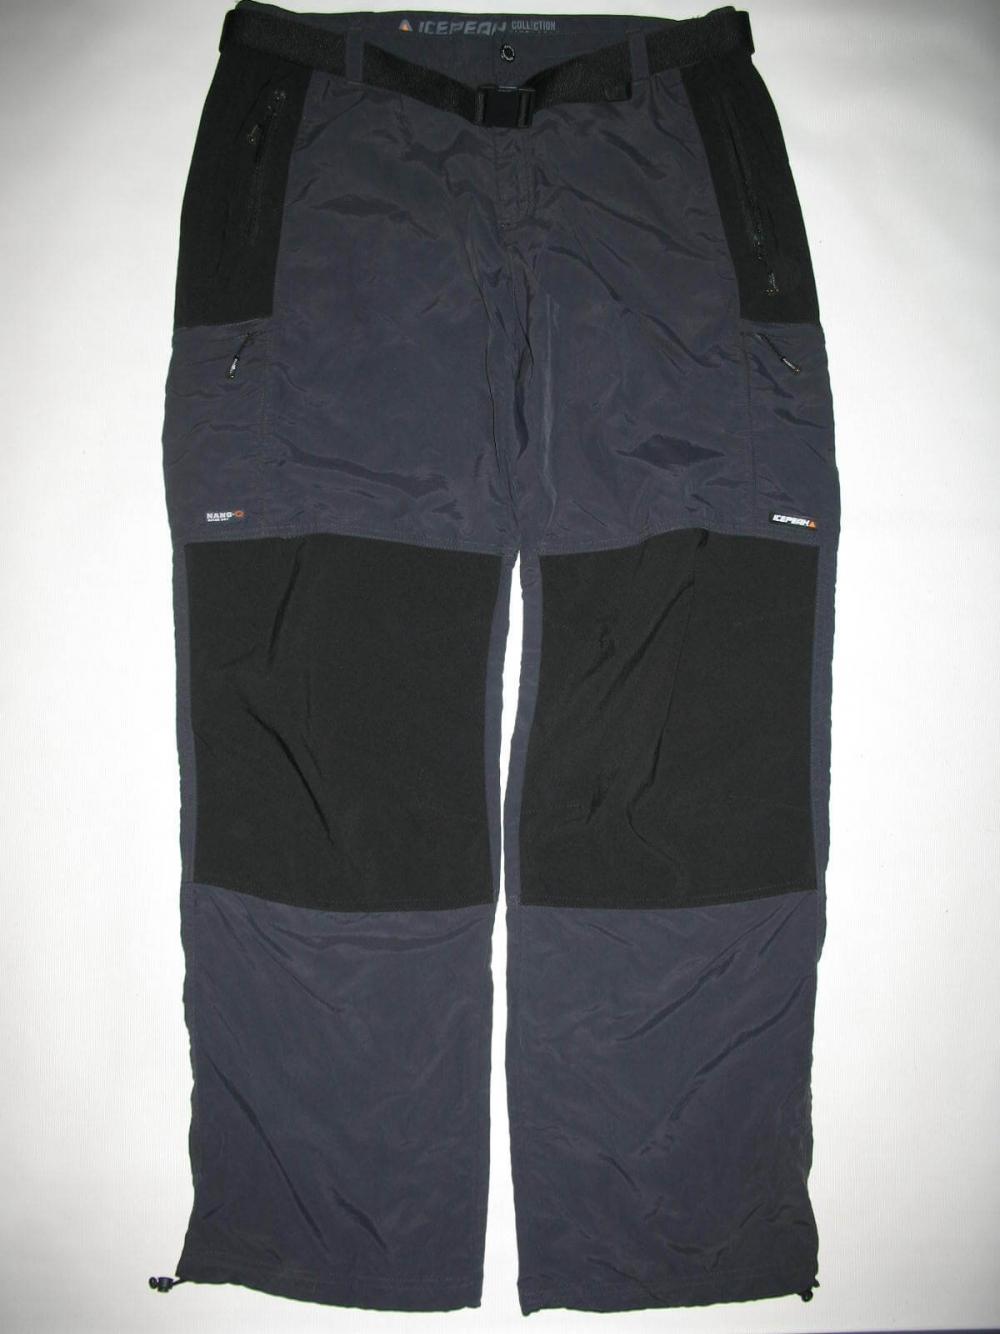 Штаны ICEPEAK Nano-Q outdoor pants (размер 54-XL) - 1